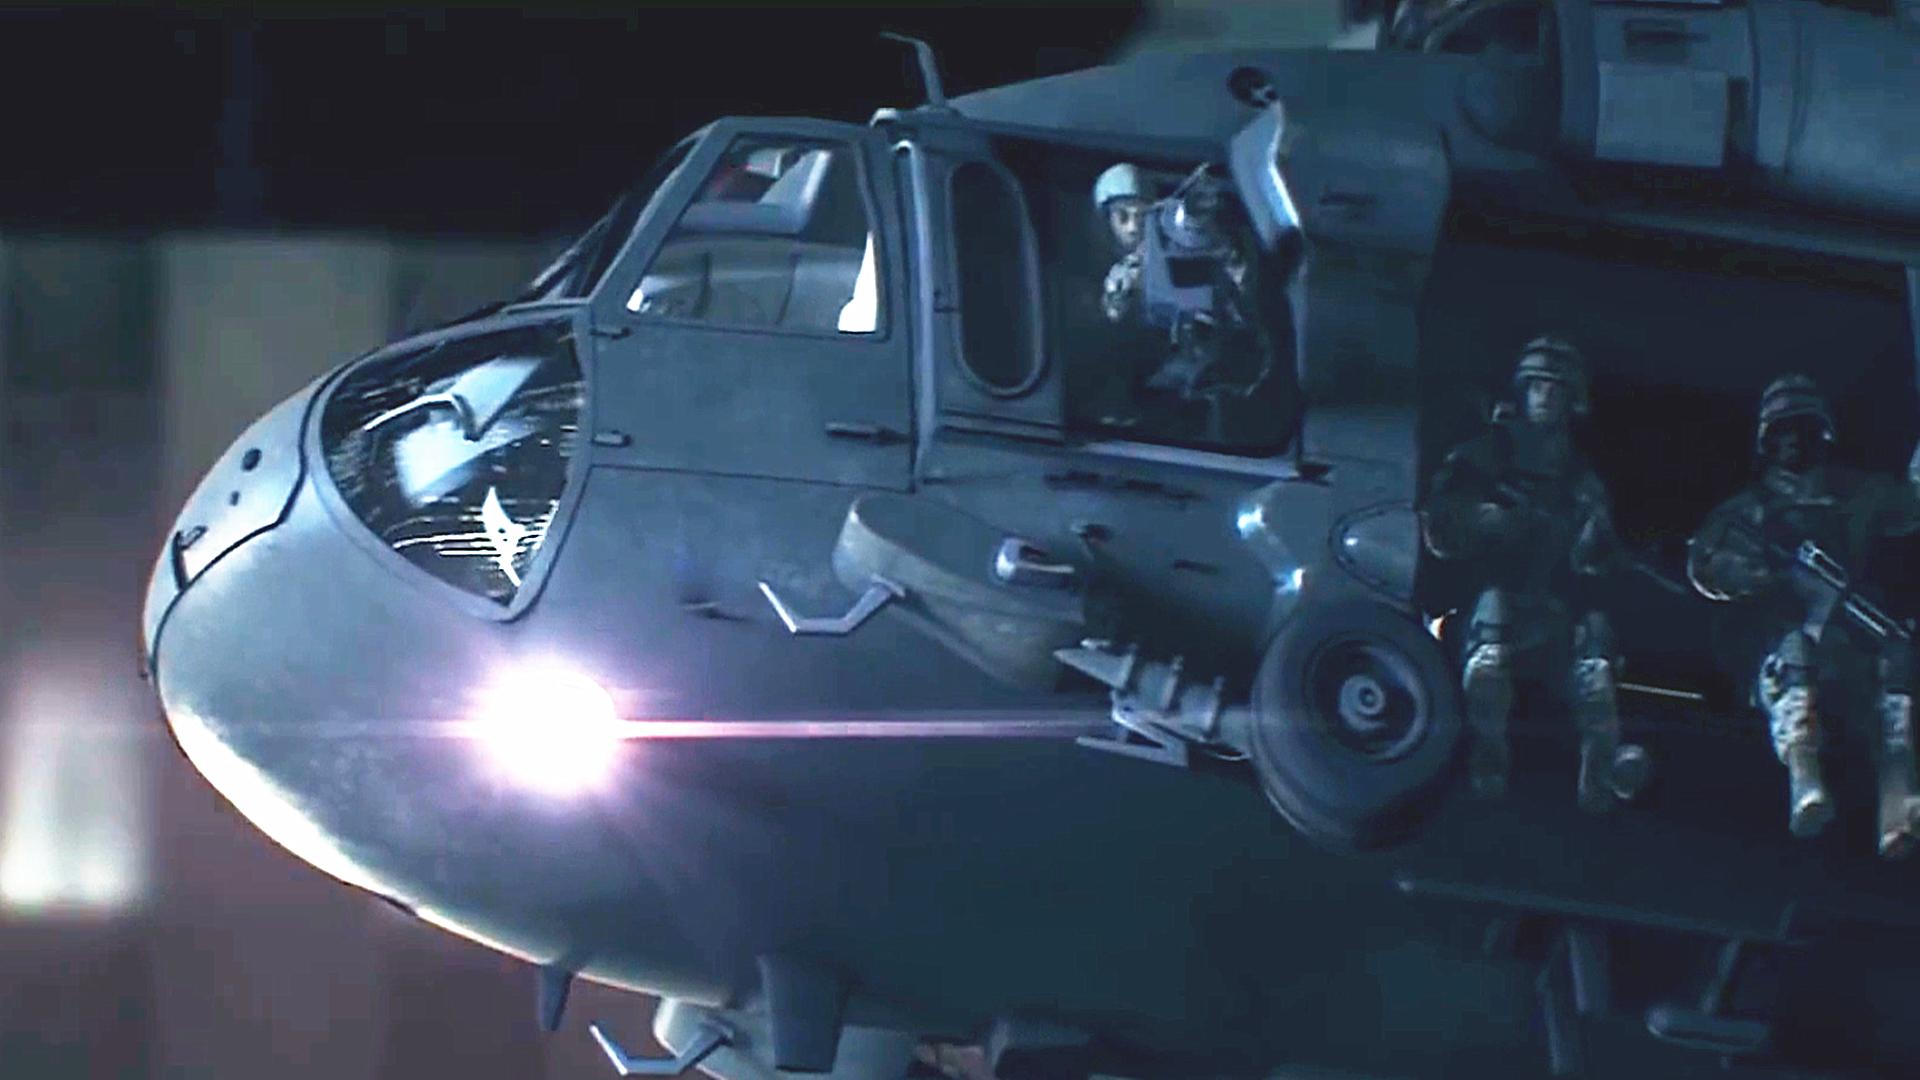 【一色】丧尸病毒CG短片:城市病毒爆发,军队开始封城警戒,战机出动